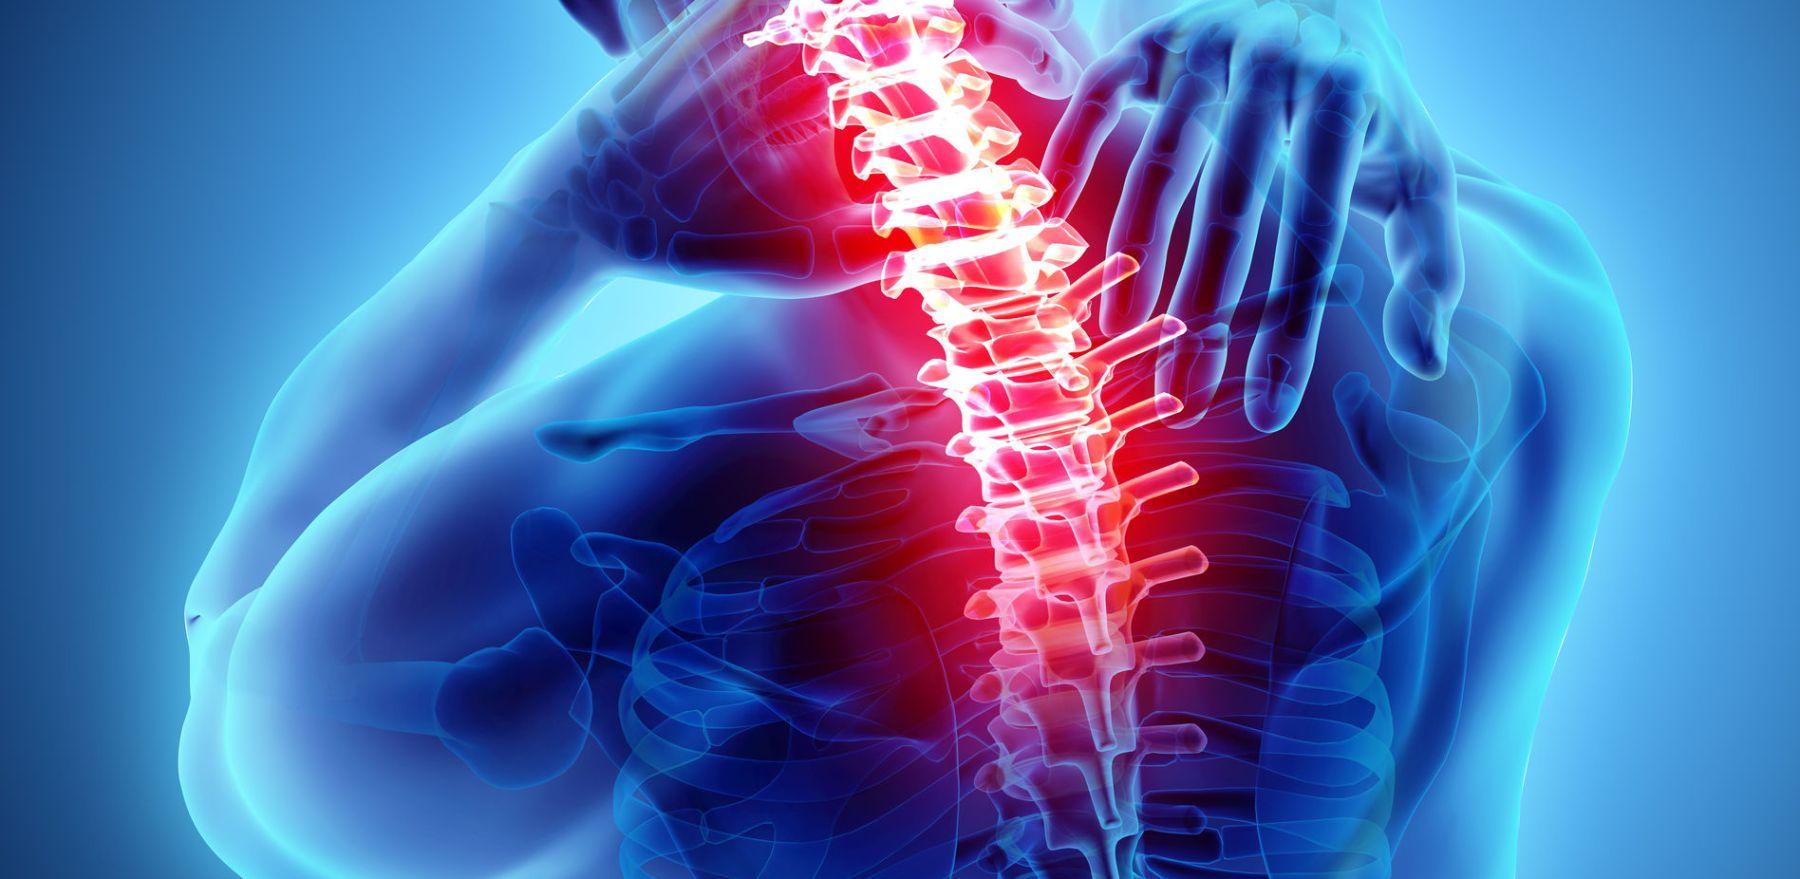 3D illustration, neck painful - cervical spine skeleton x-ray, medical concept.